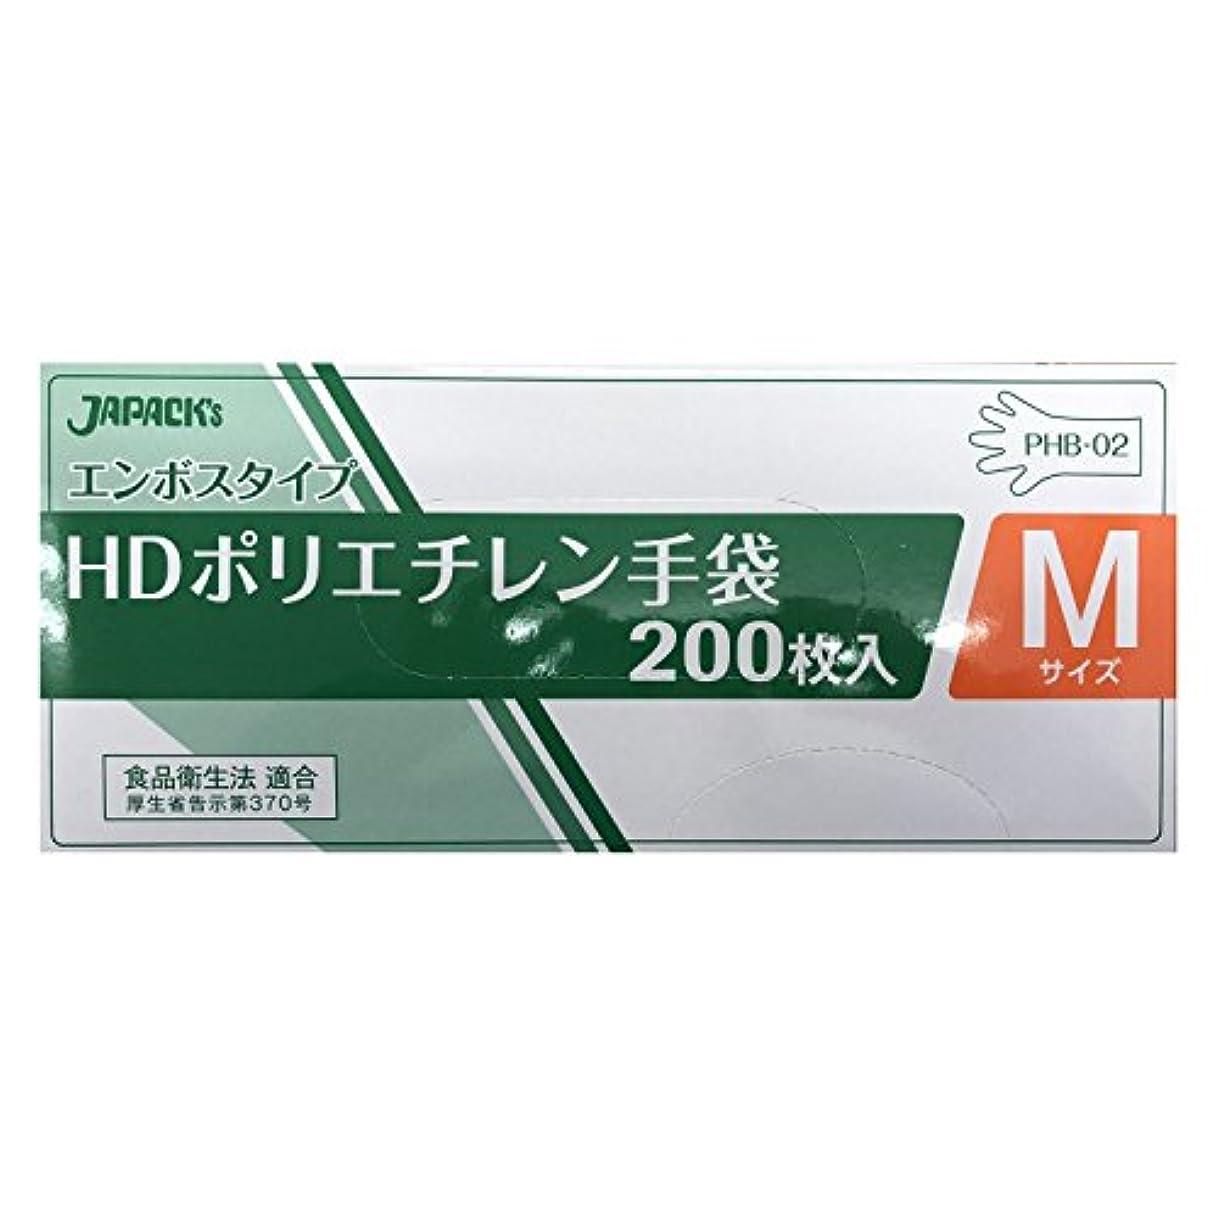 揺れるドラフト衛星エンボスタイプ HDポリエチレン手袋 Mサイズ BOX 200枚入 無着色 PHB-02